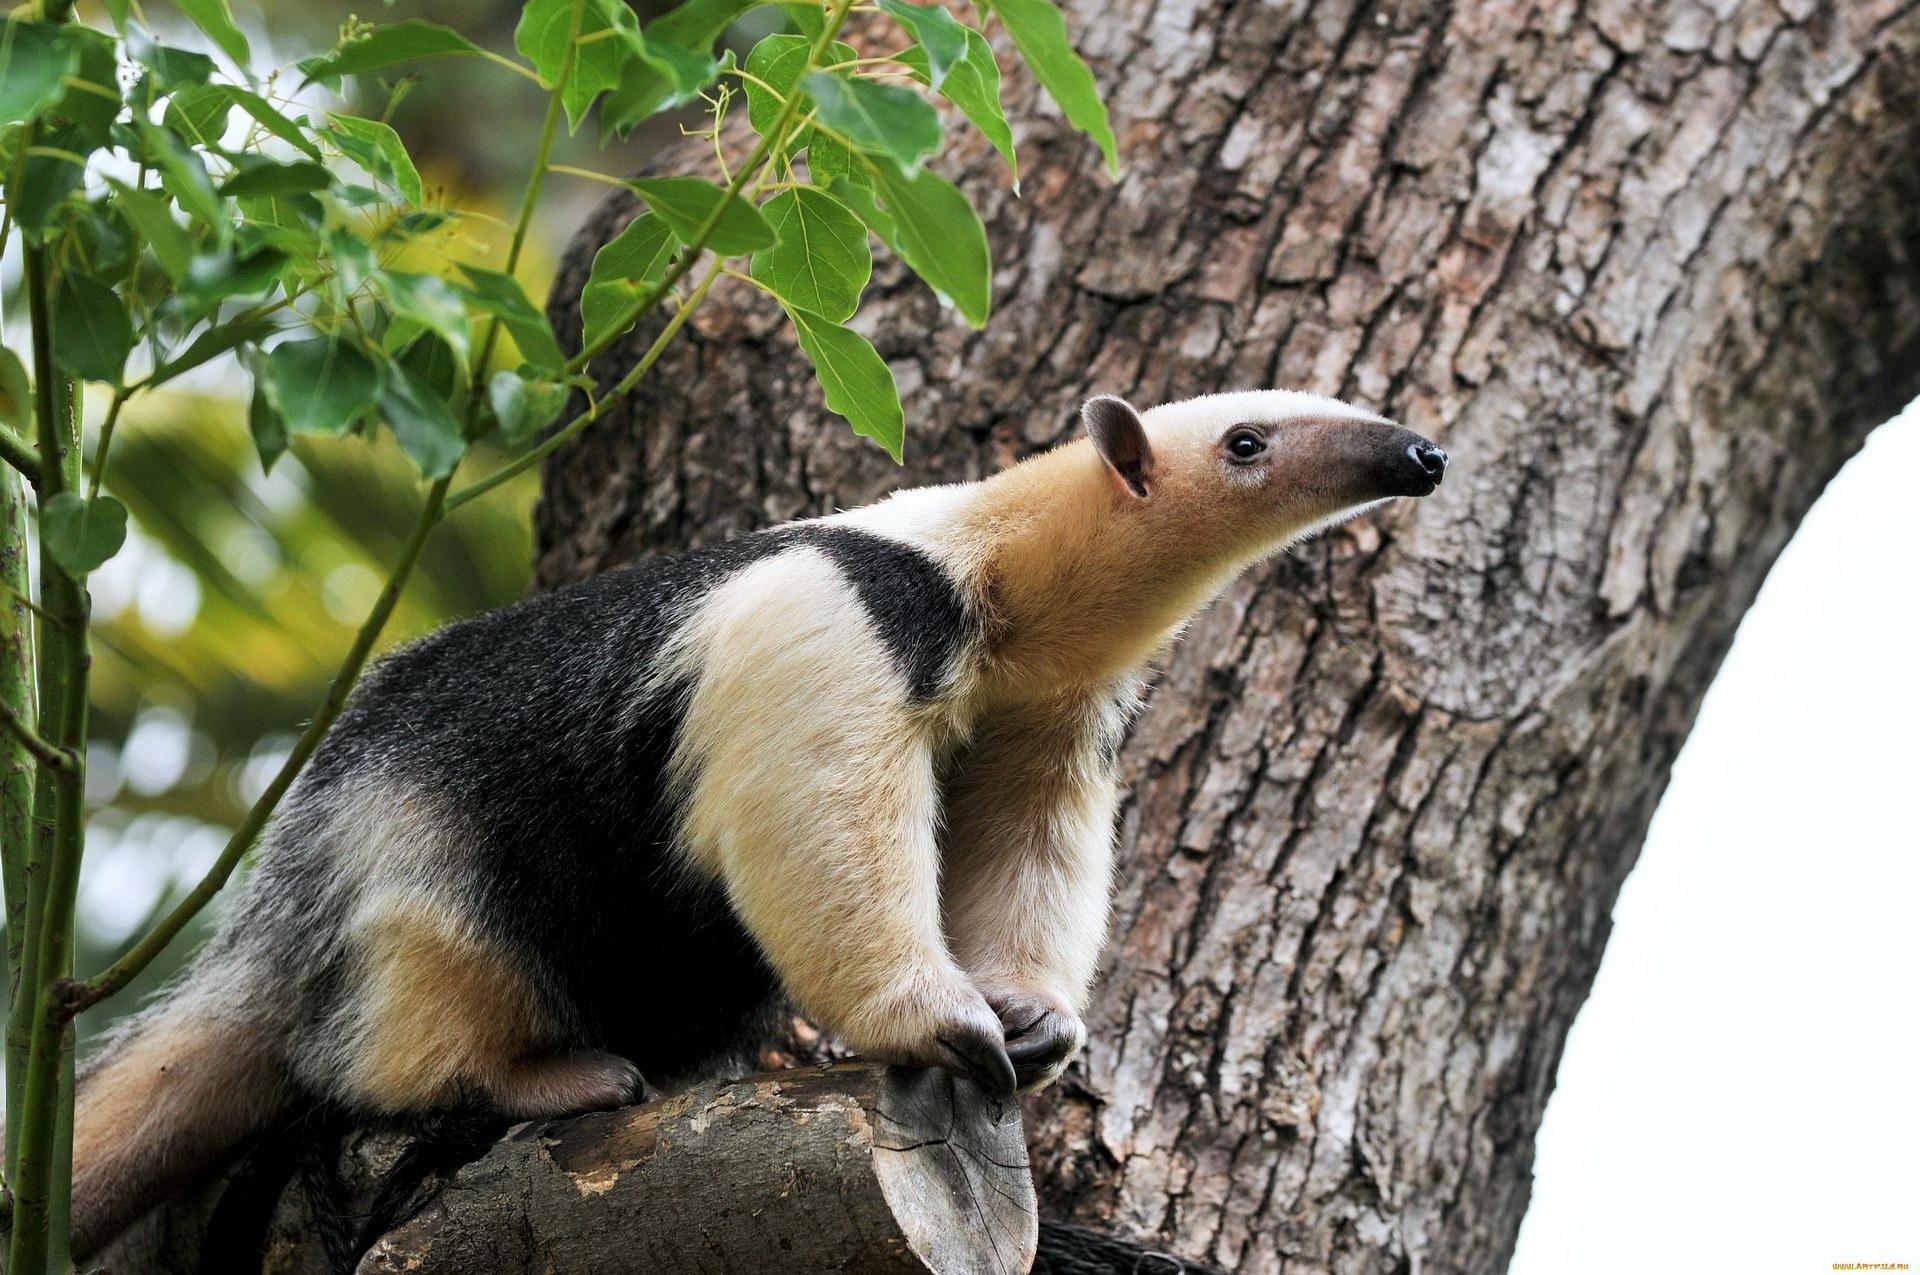 торжество фото животных южной америки школы